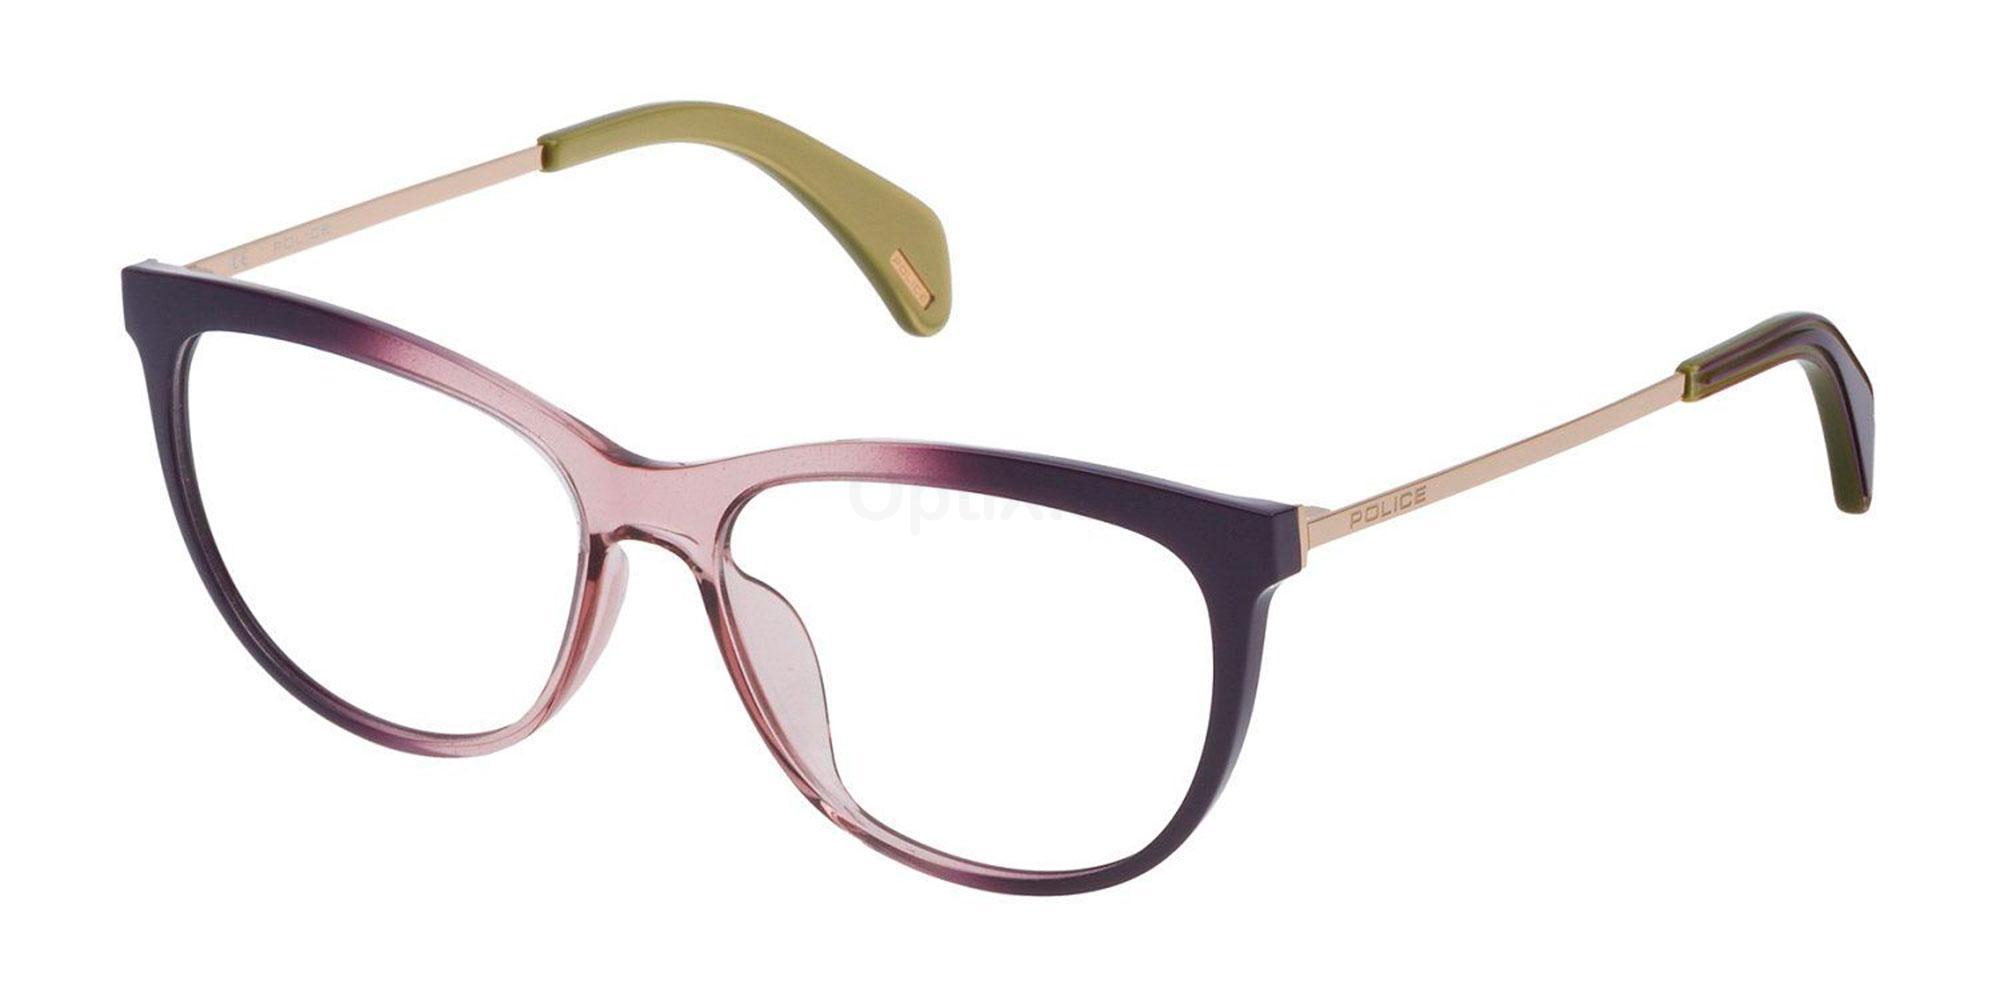 07MF VPL625 Glasses, Police